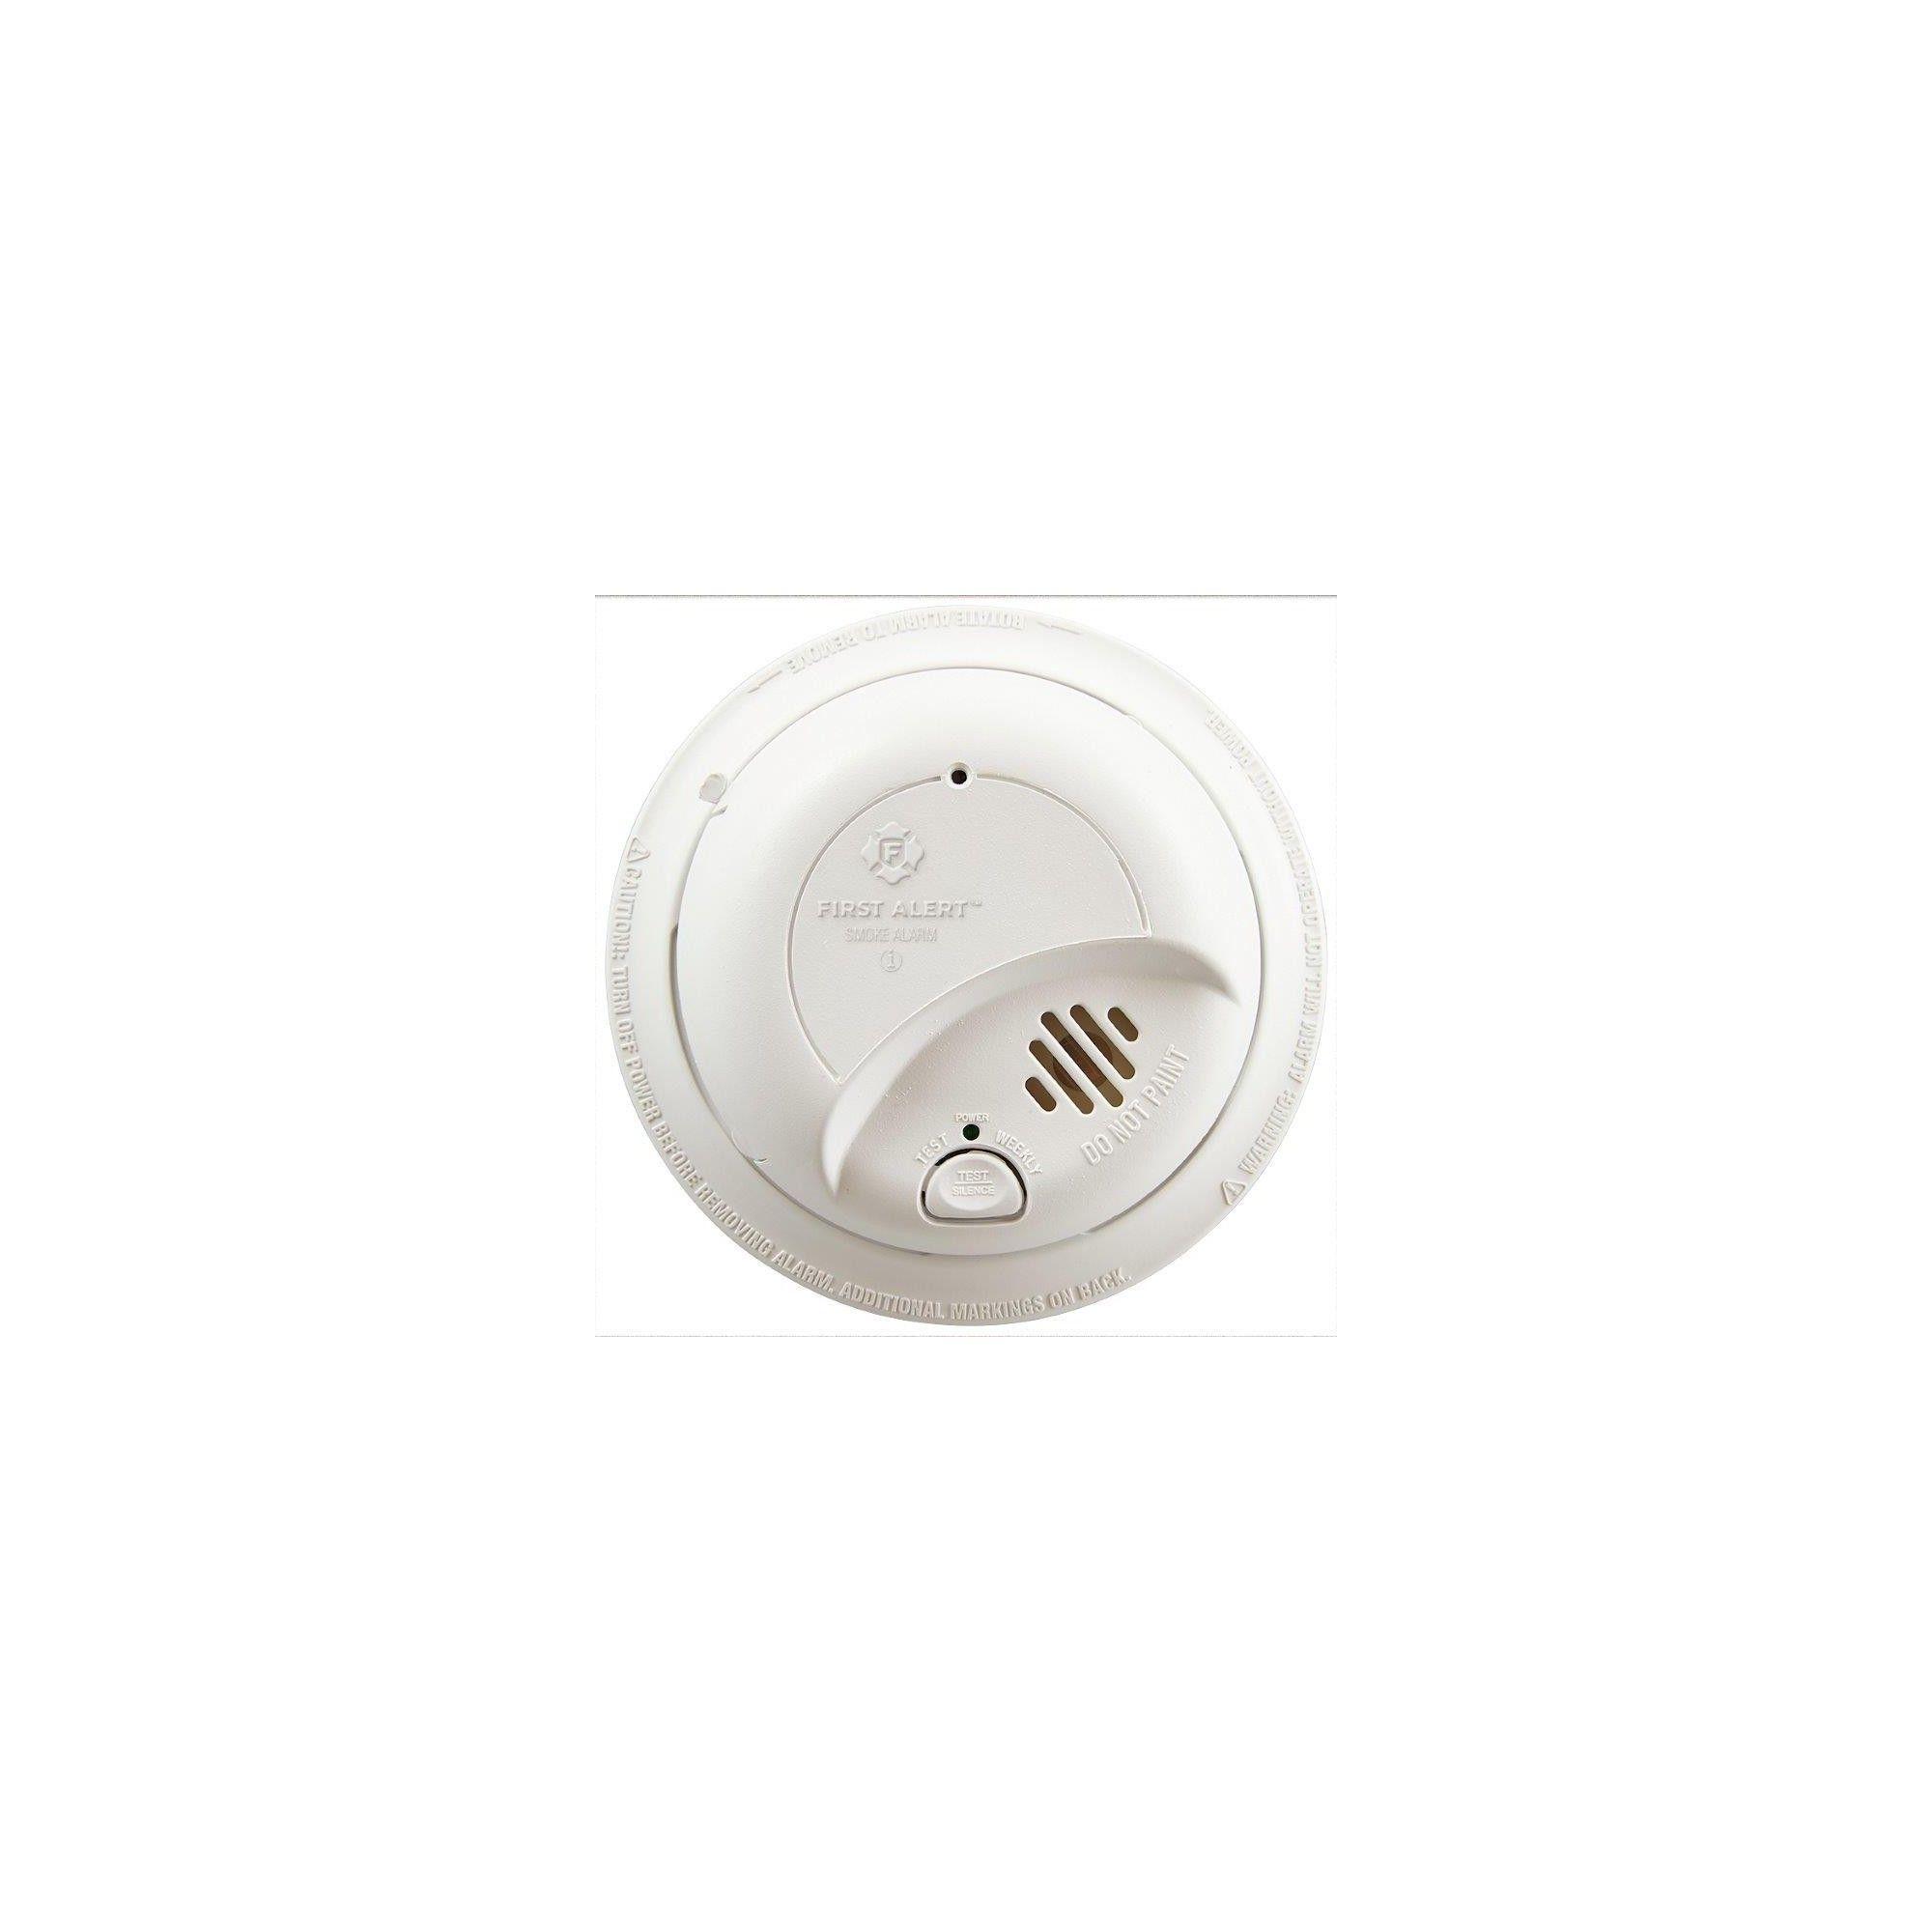 First Alert Replacement Hardwired Smoke Alarm Adult Unisex Smoke Alarms Mounting Brackets Smoke